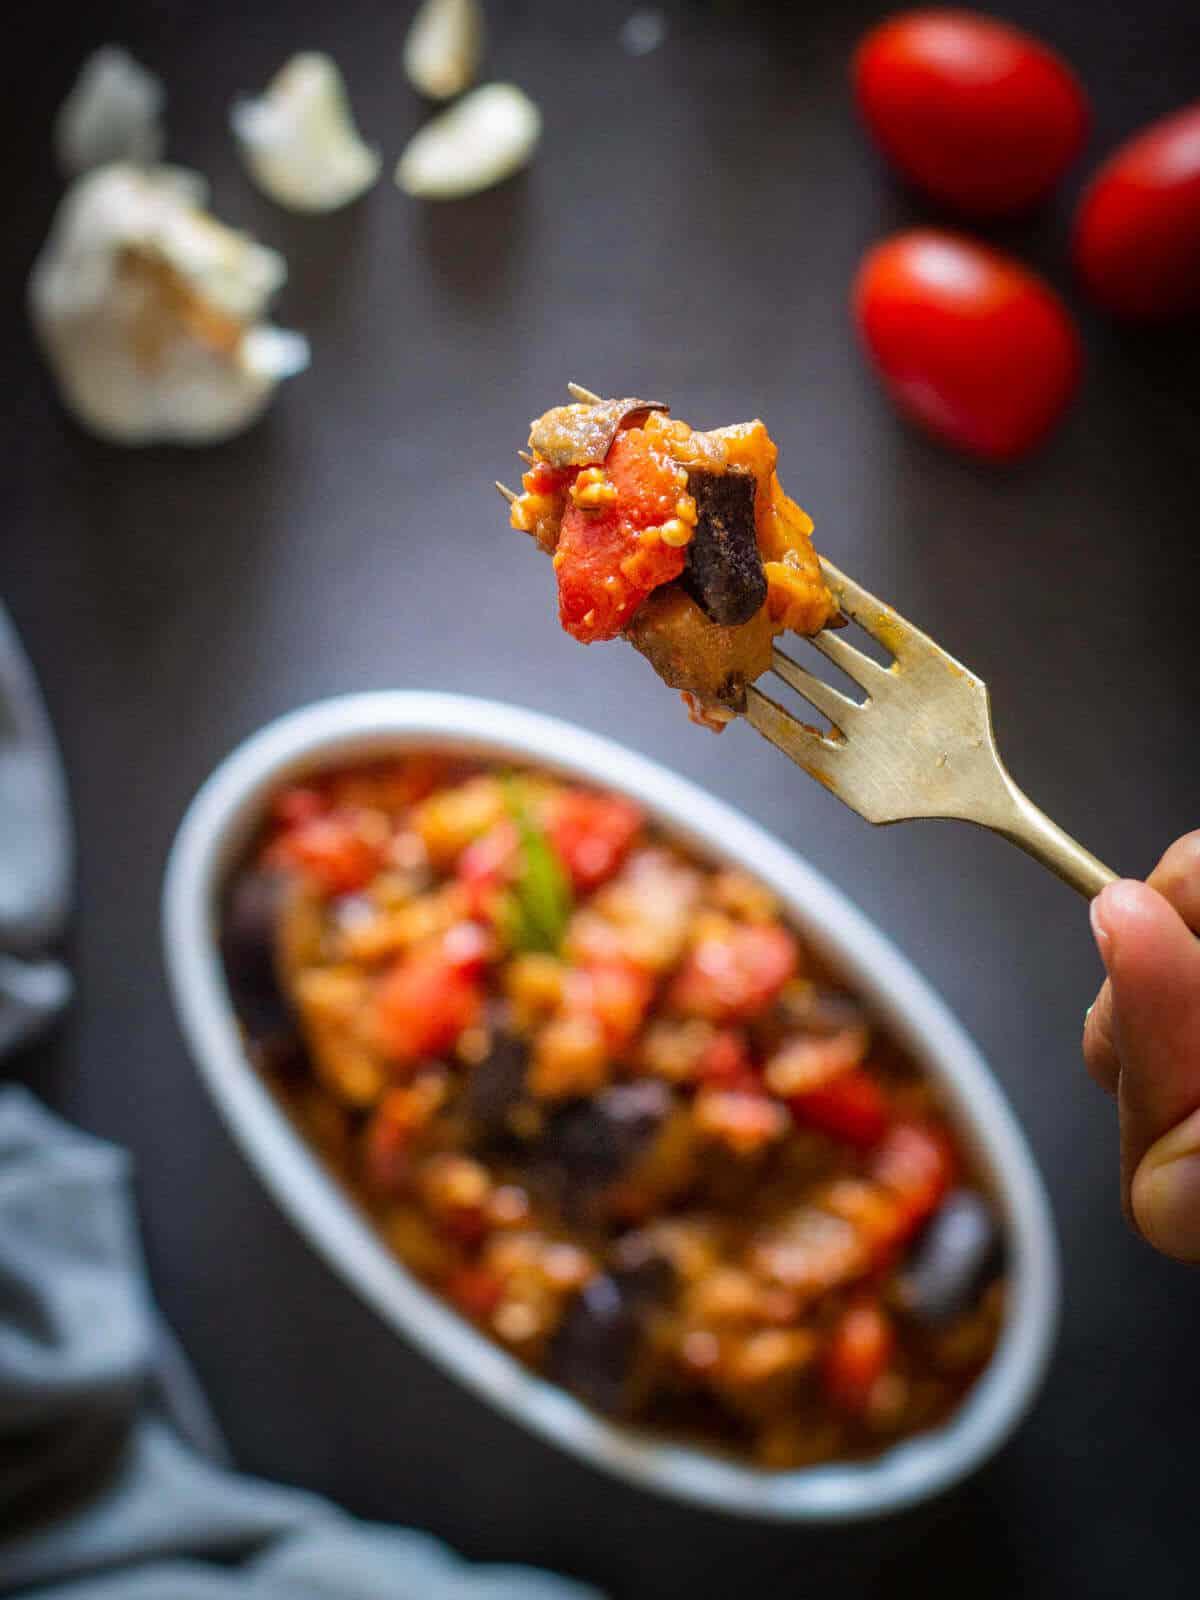 Bite of Italian Eggplant stew